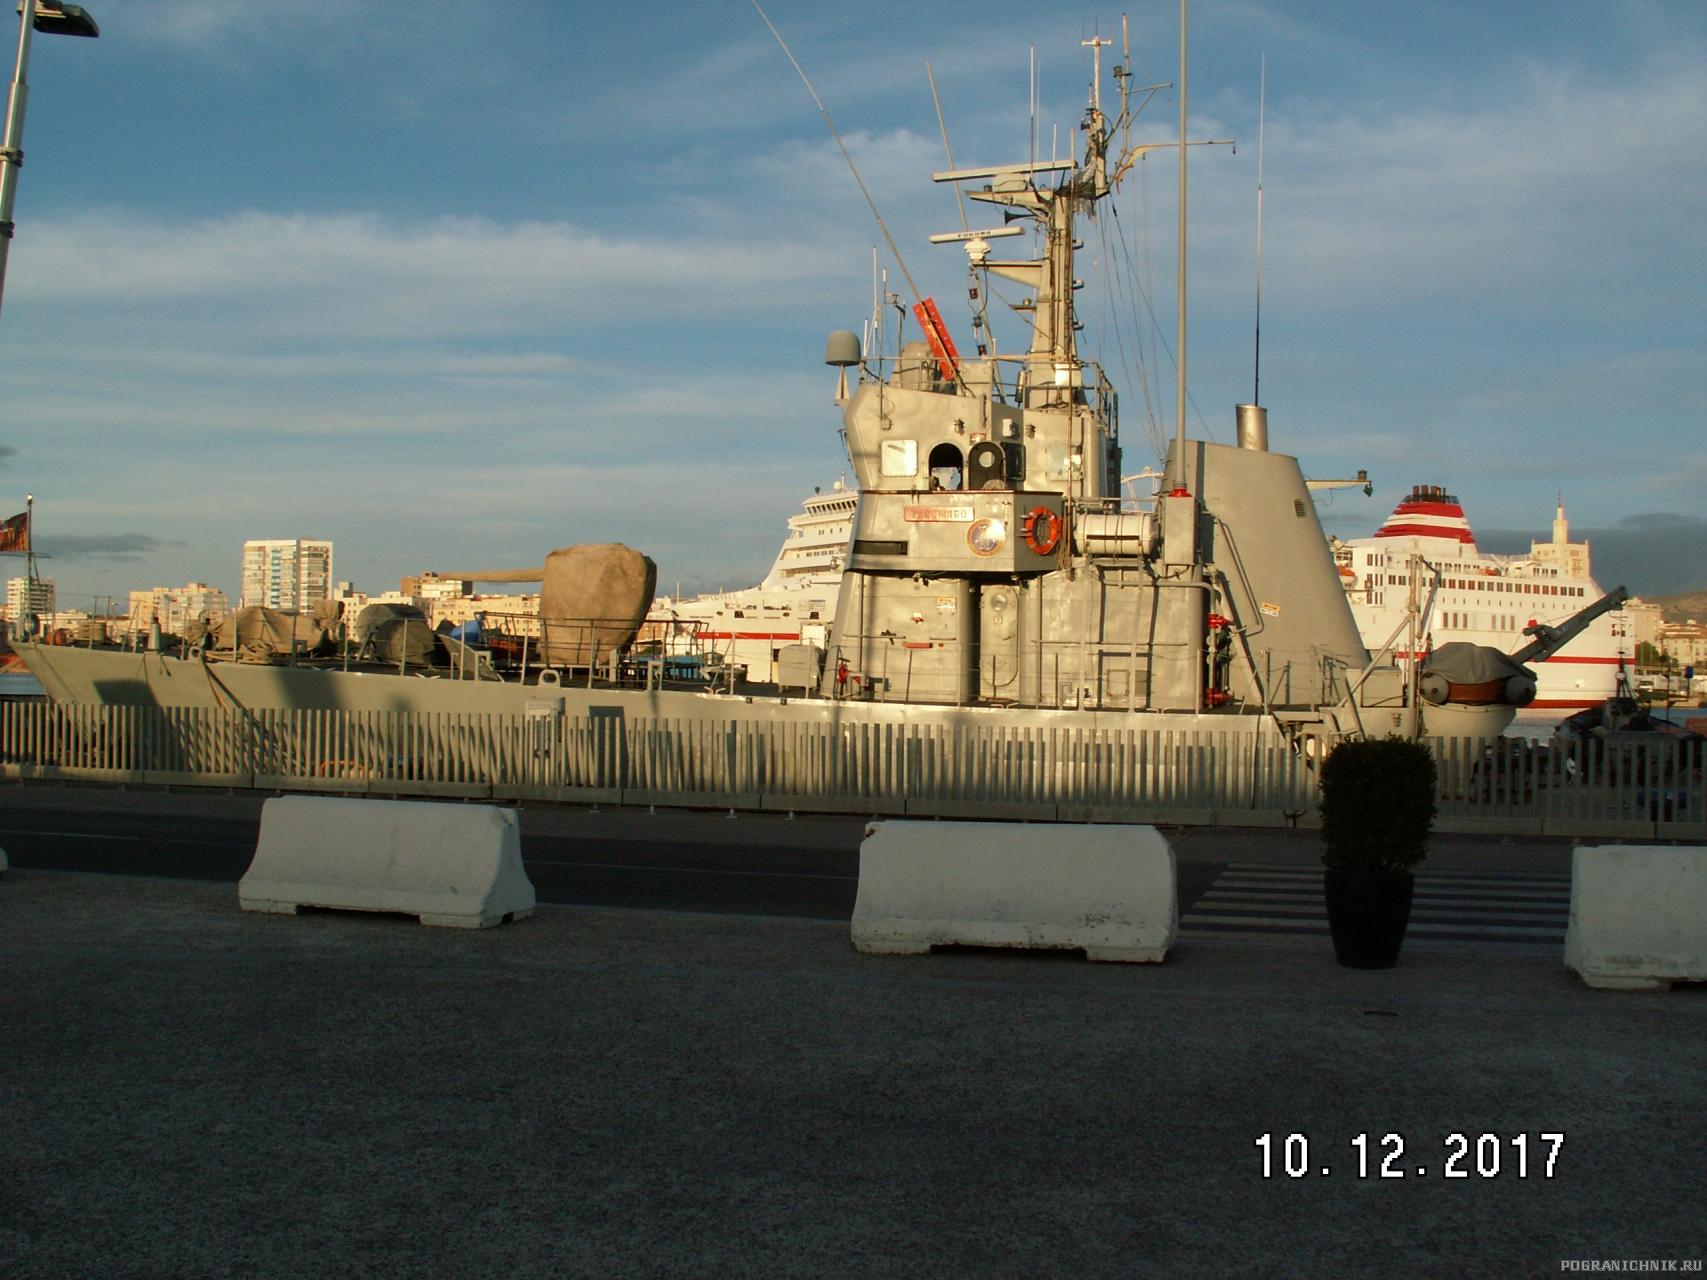 Корабль береговой охраны Испании «Tagomago» типа «Anaga»